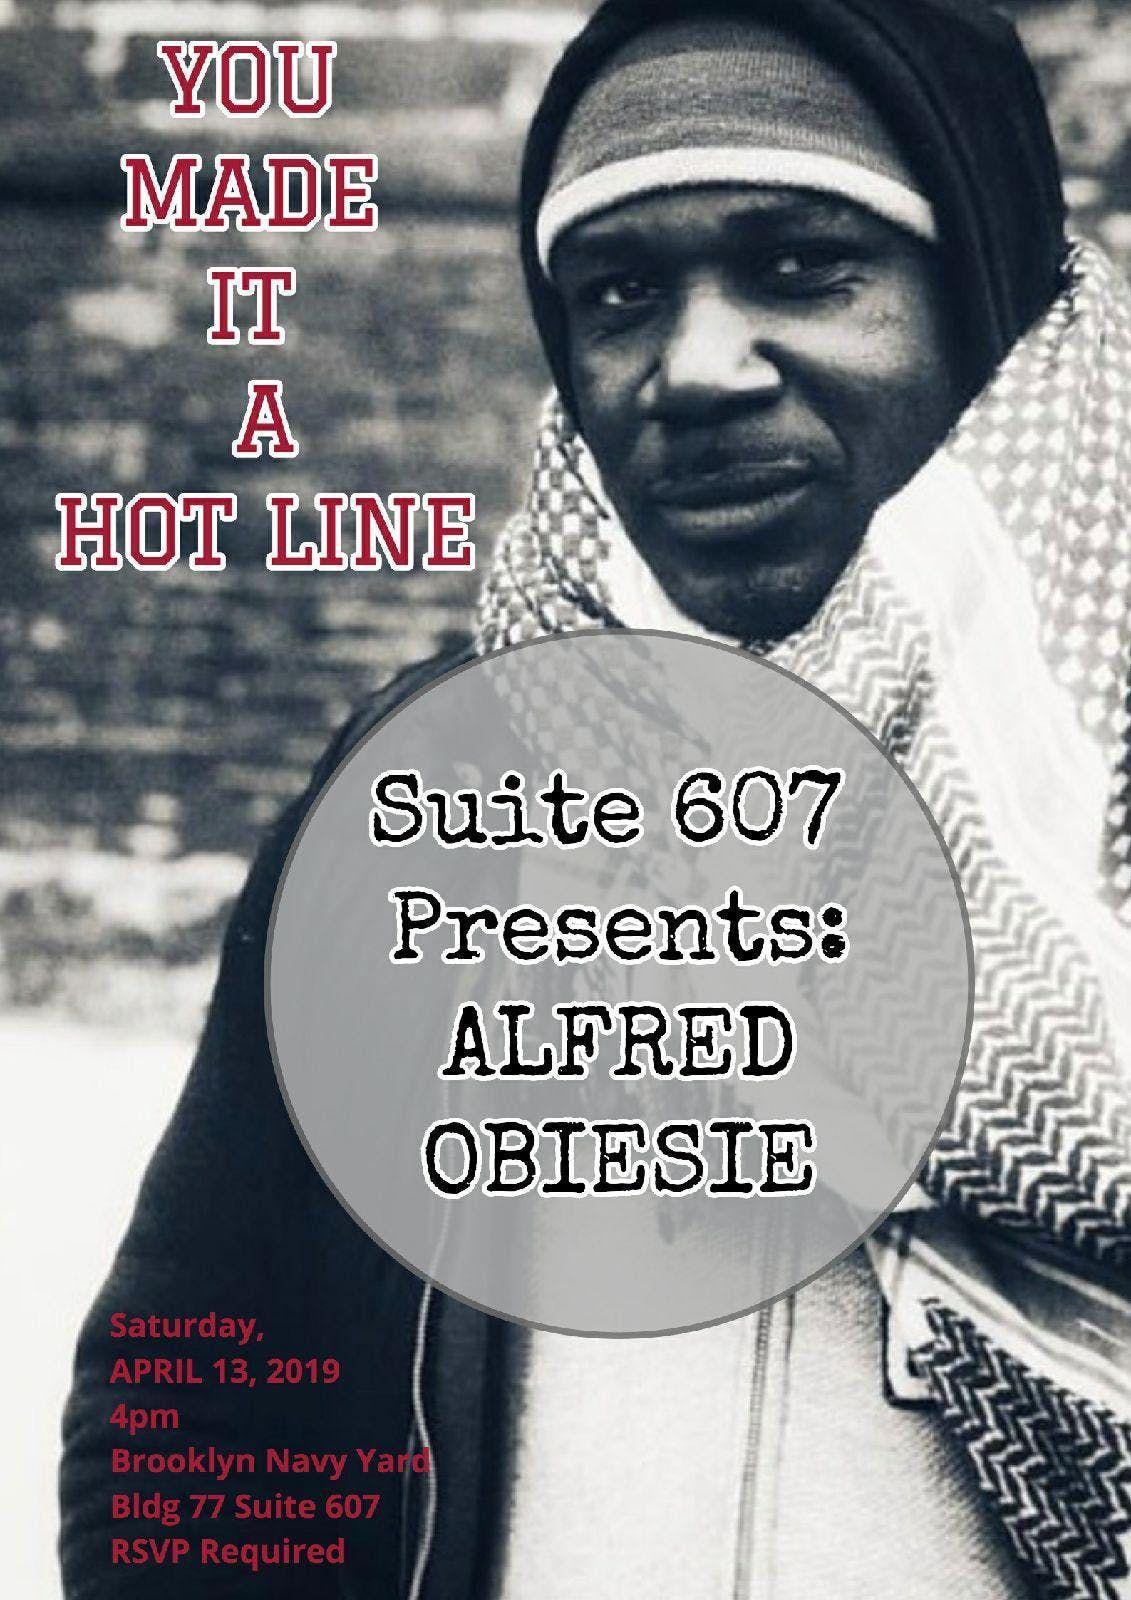 Suite 607 Presents Alfred Obiesie